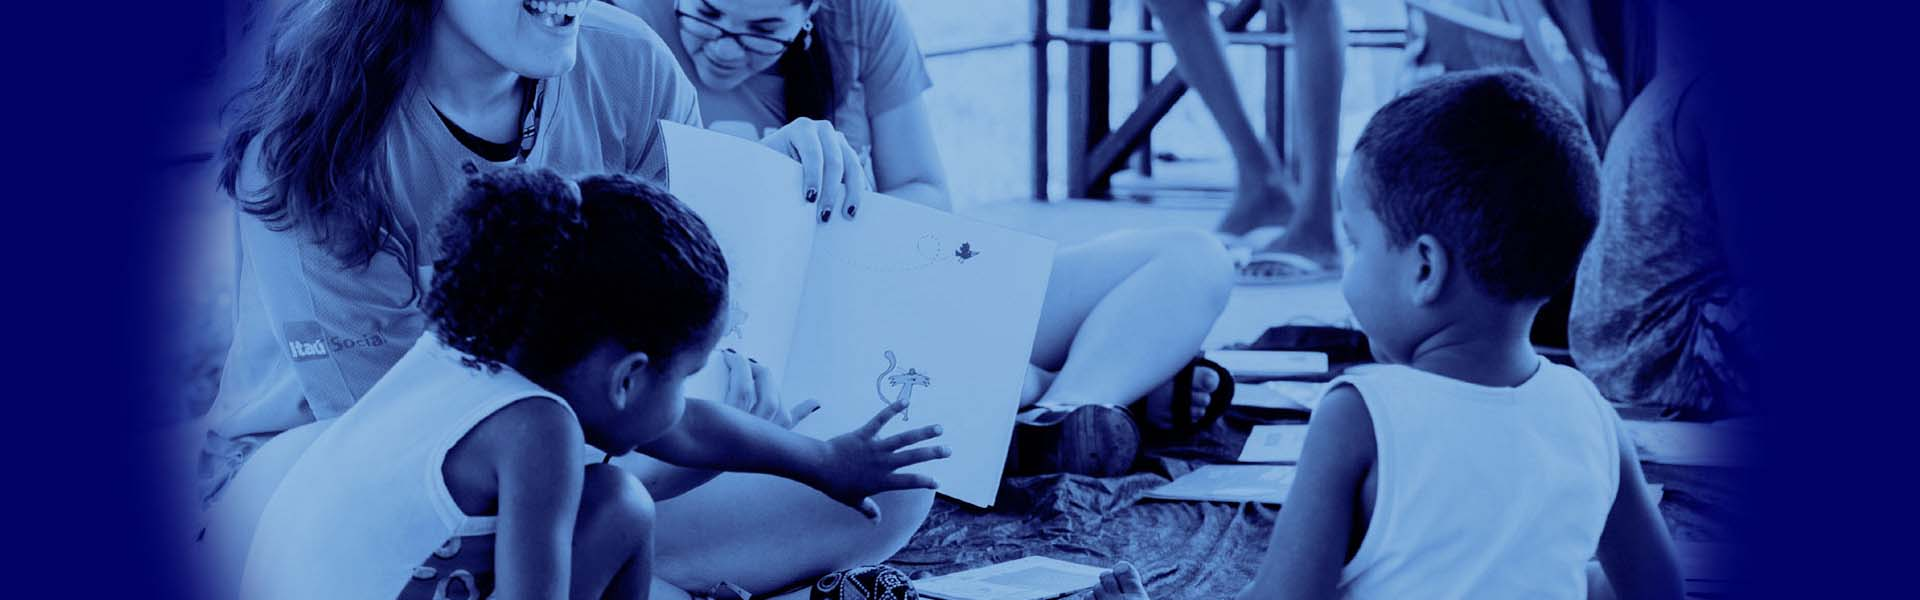 Sociedad civil, compromiso y lectura